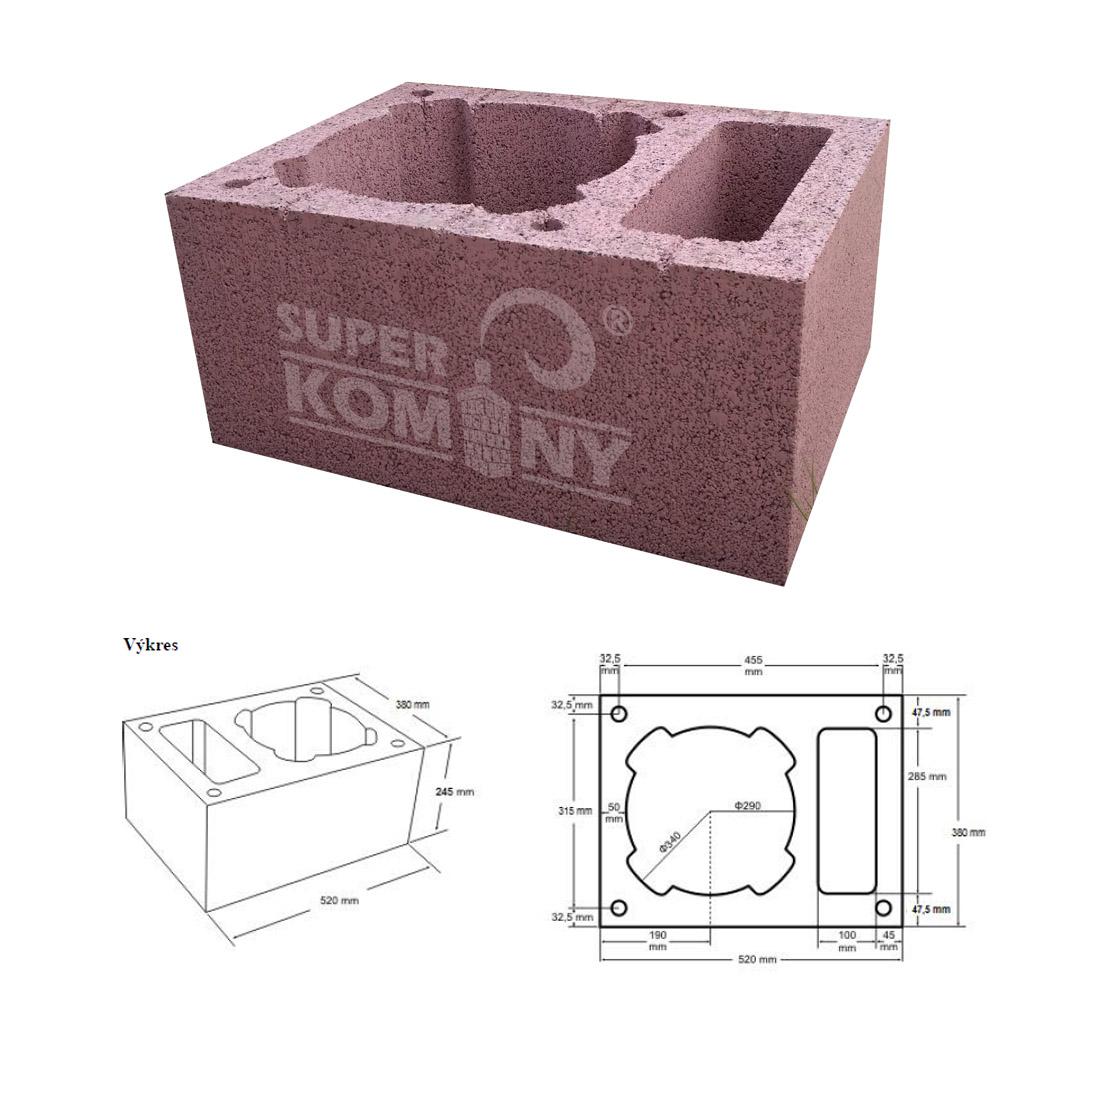 Nákres - Komínová tvárnice jednoprůduchová s větrací šachtou, 520 x 380 mm, výška 245 mm